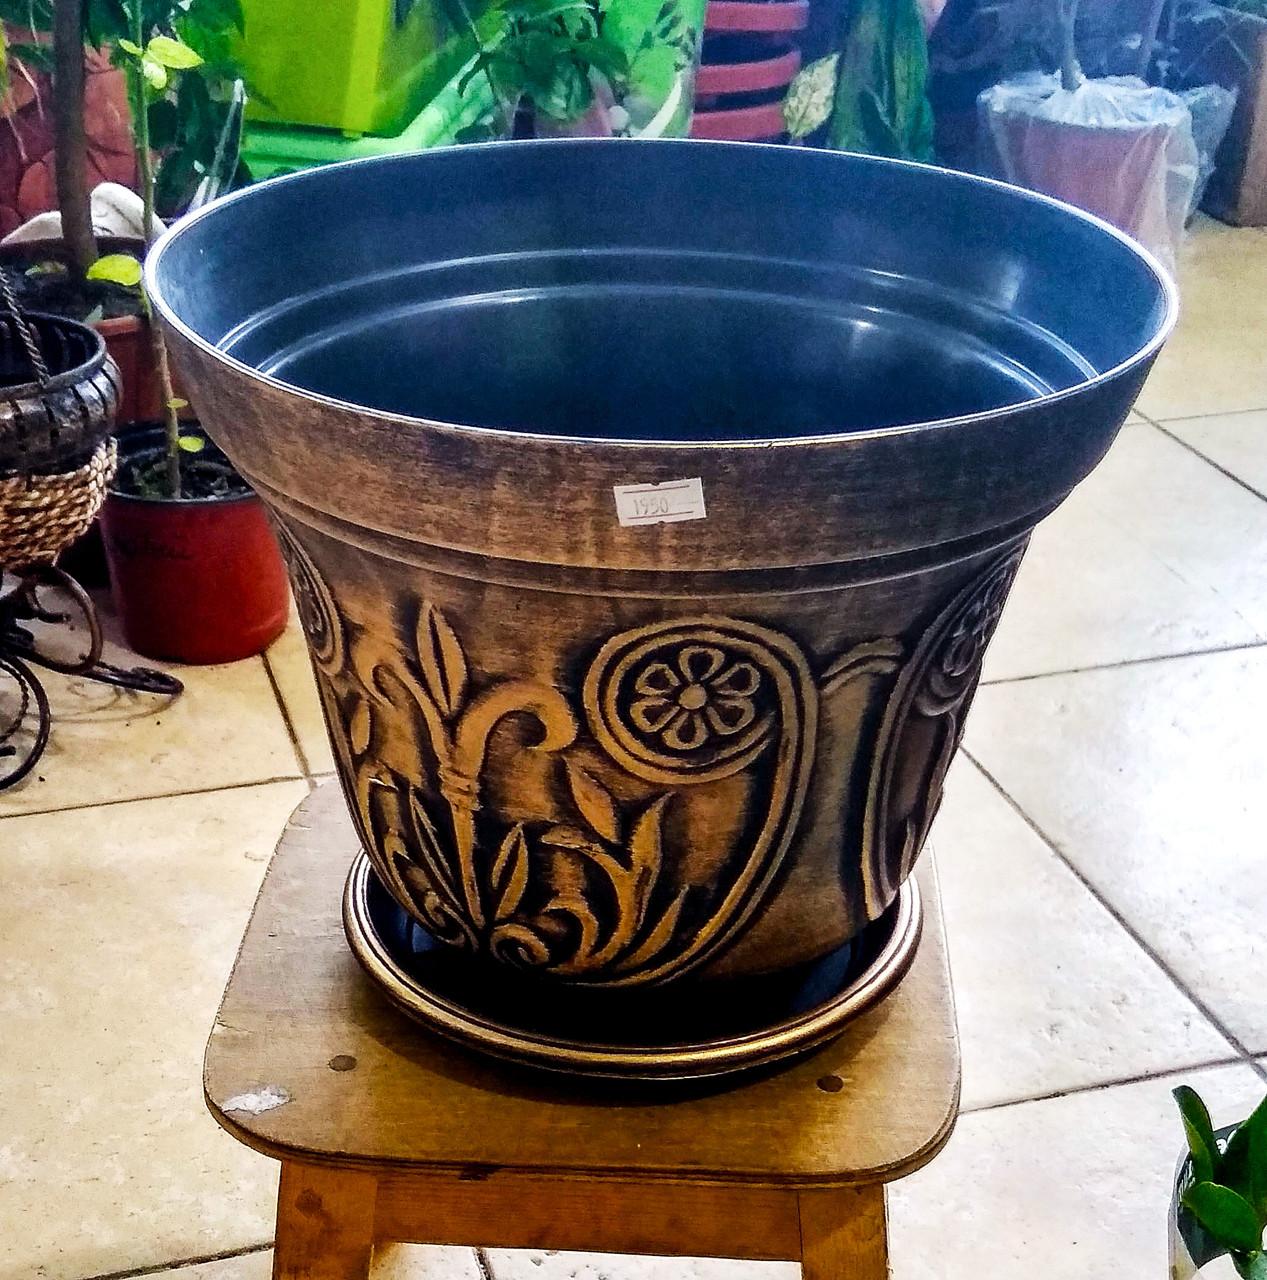 Горшок для растений LUDU. Черно-Золотой с узором. Размер: 30x23.5